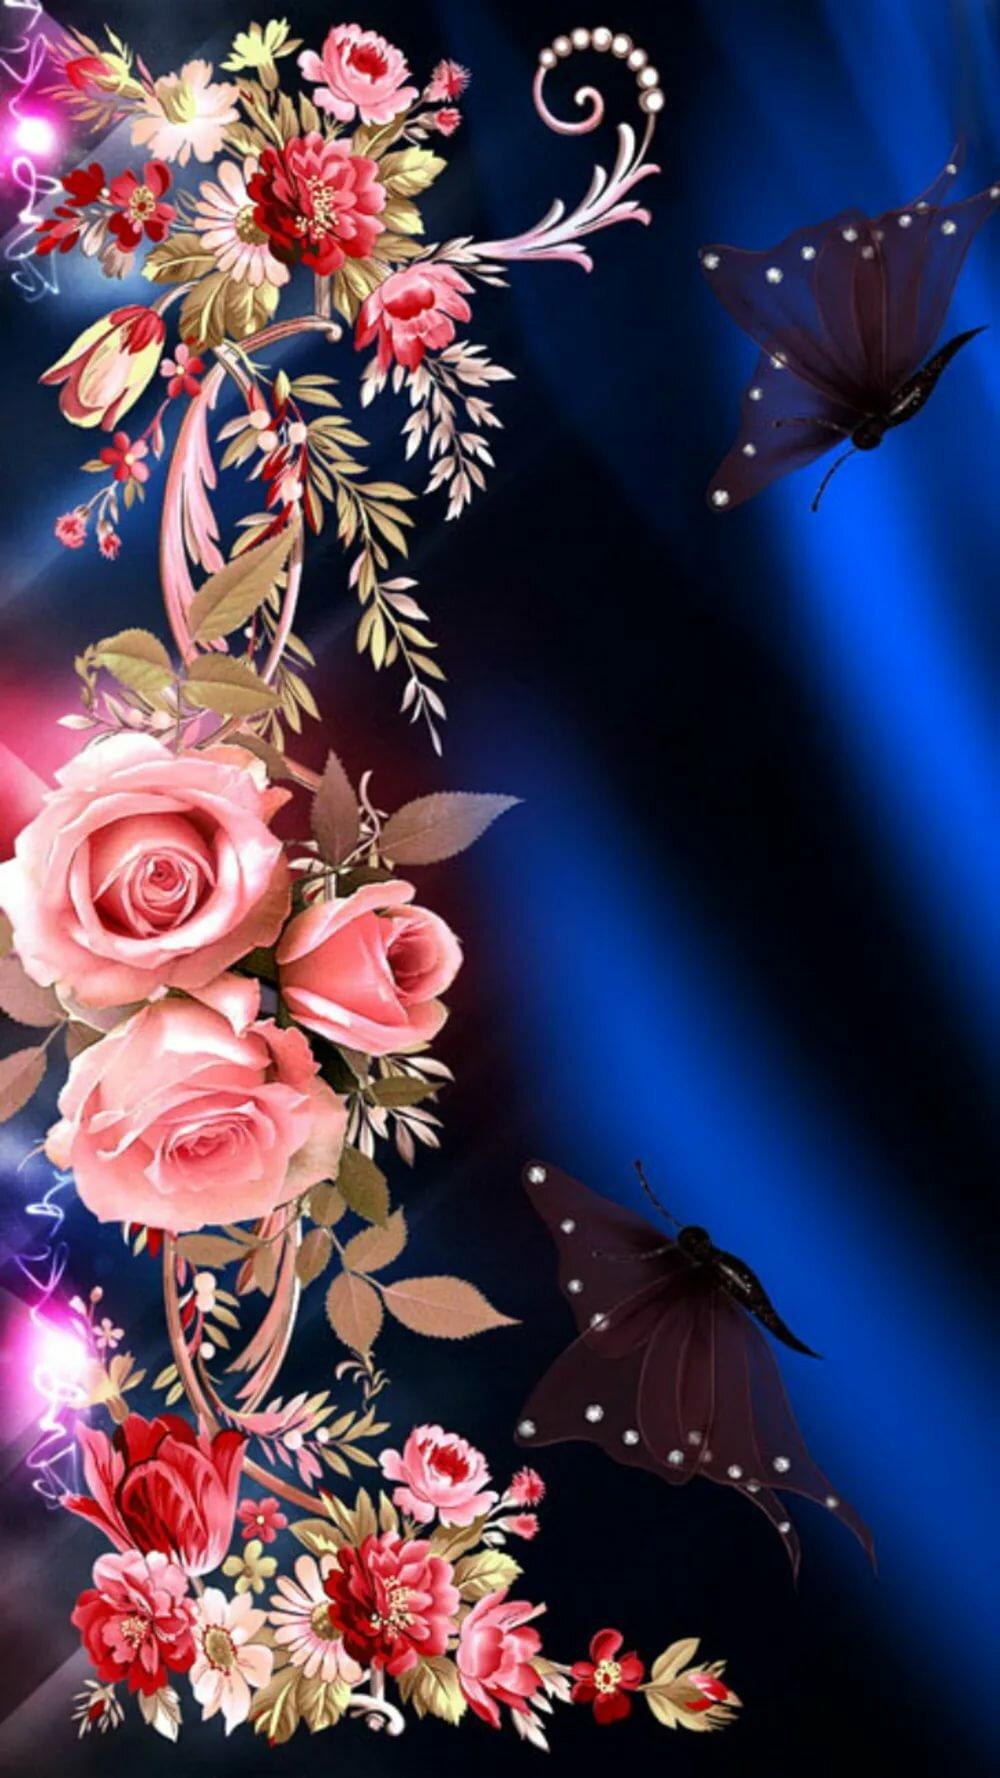 Картинки для телефона цветы анимация